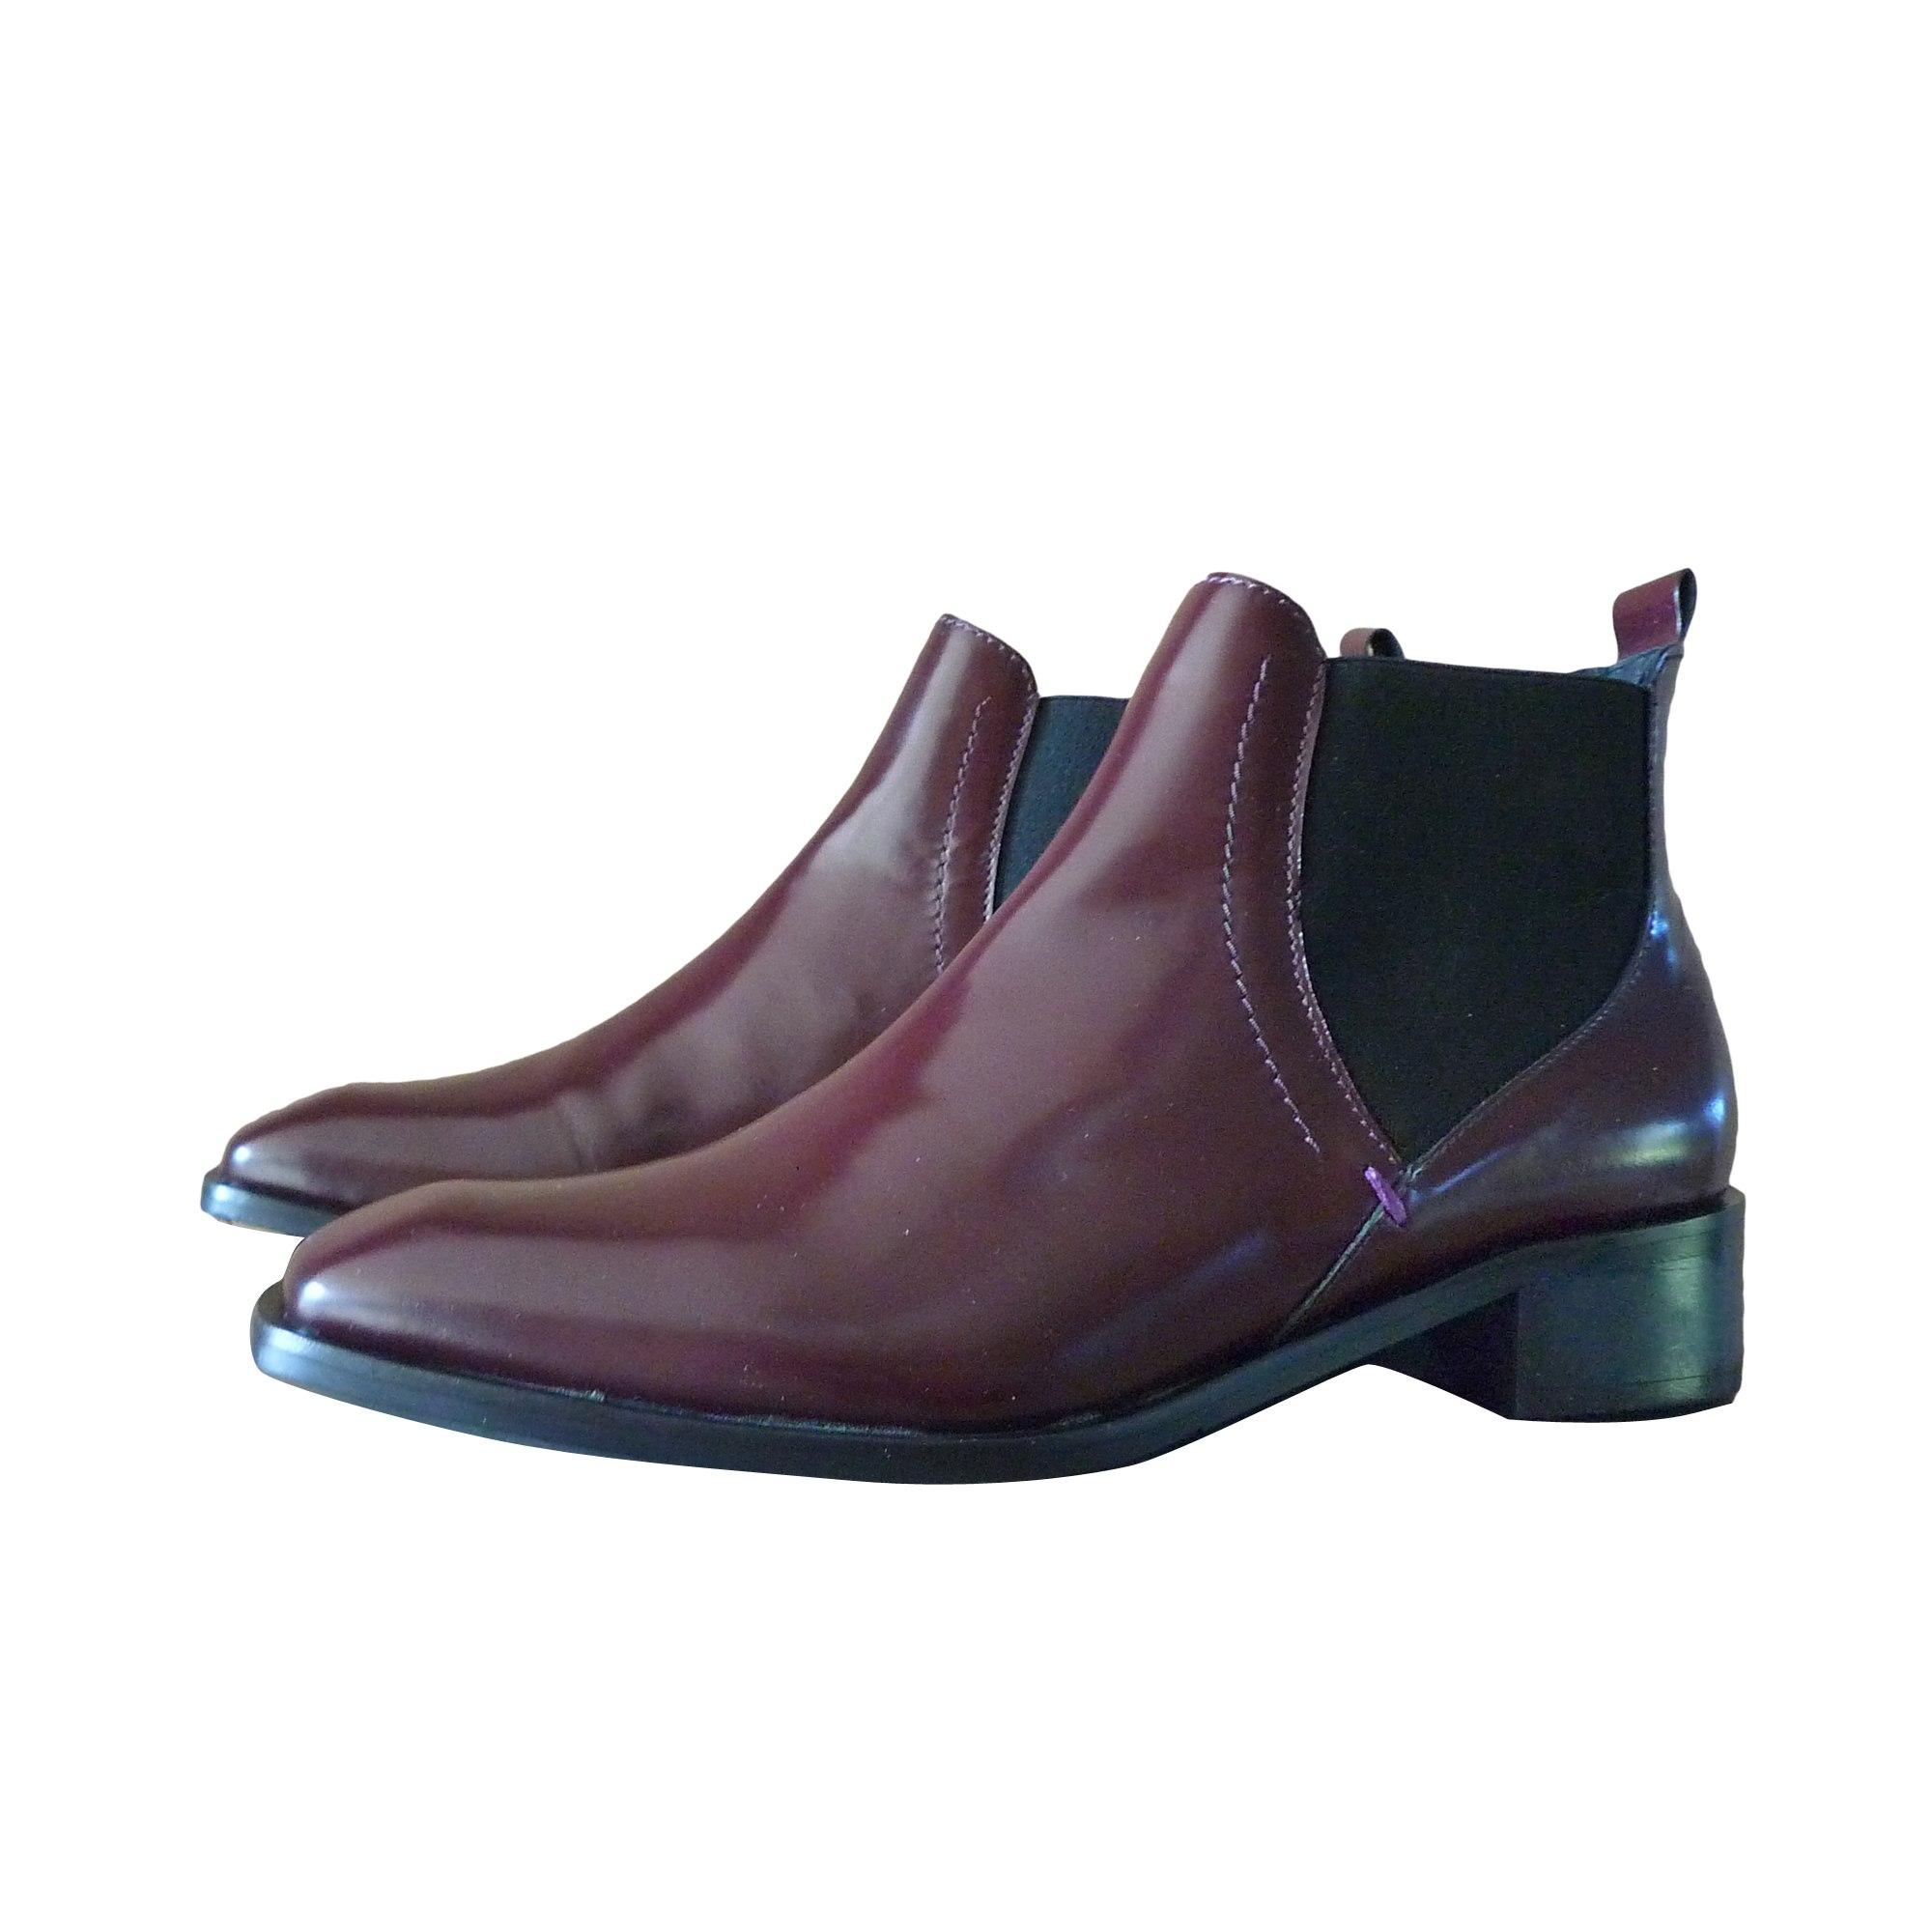 De Par Bordeaux 37 Lie Vin amp; Low Vendu Plates Bata Bottines Boots Za8A1qx